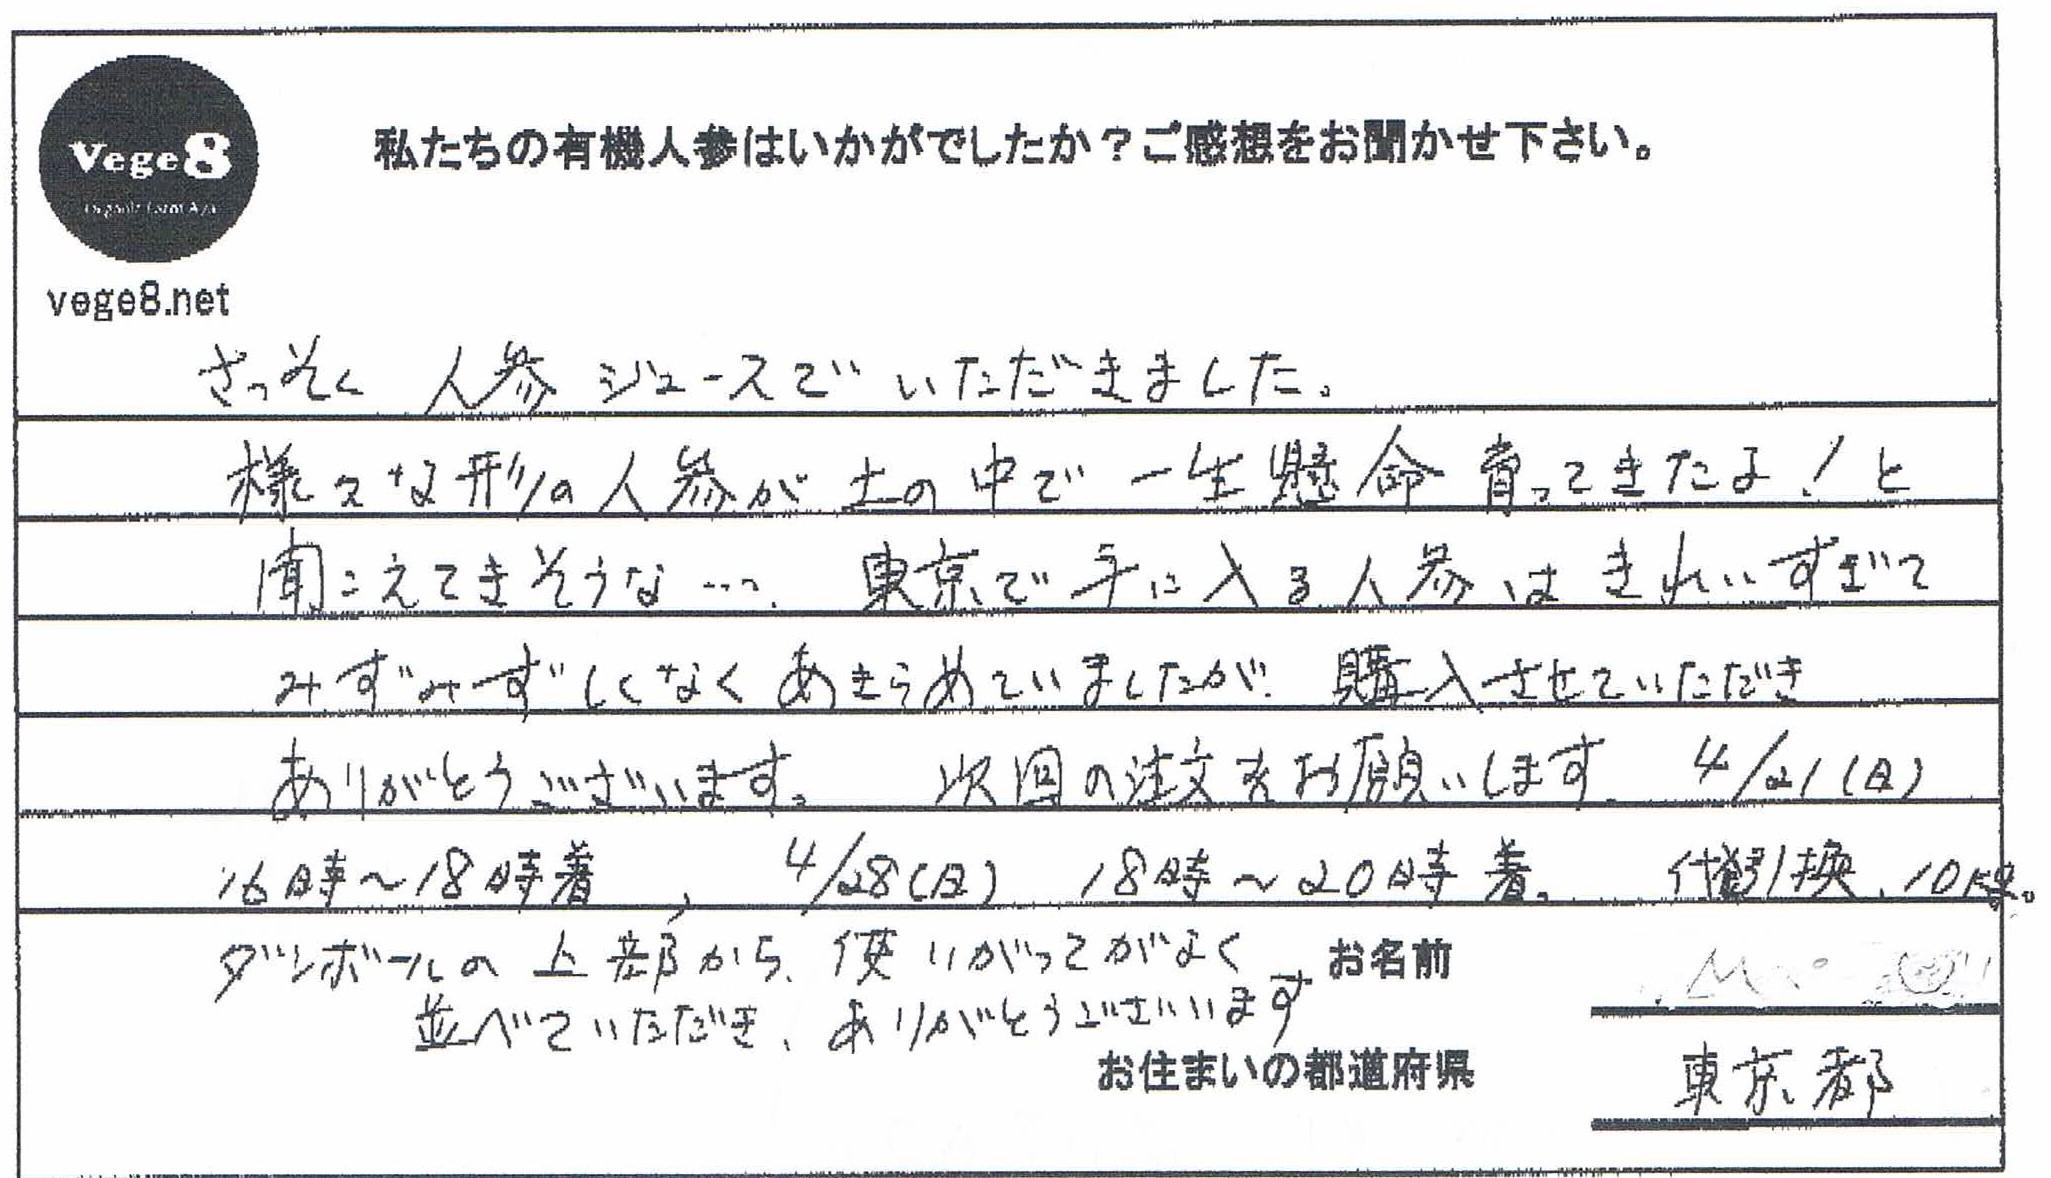 vege8 カスタマーボイス人参